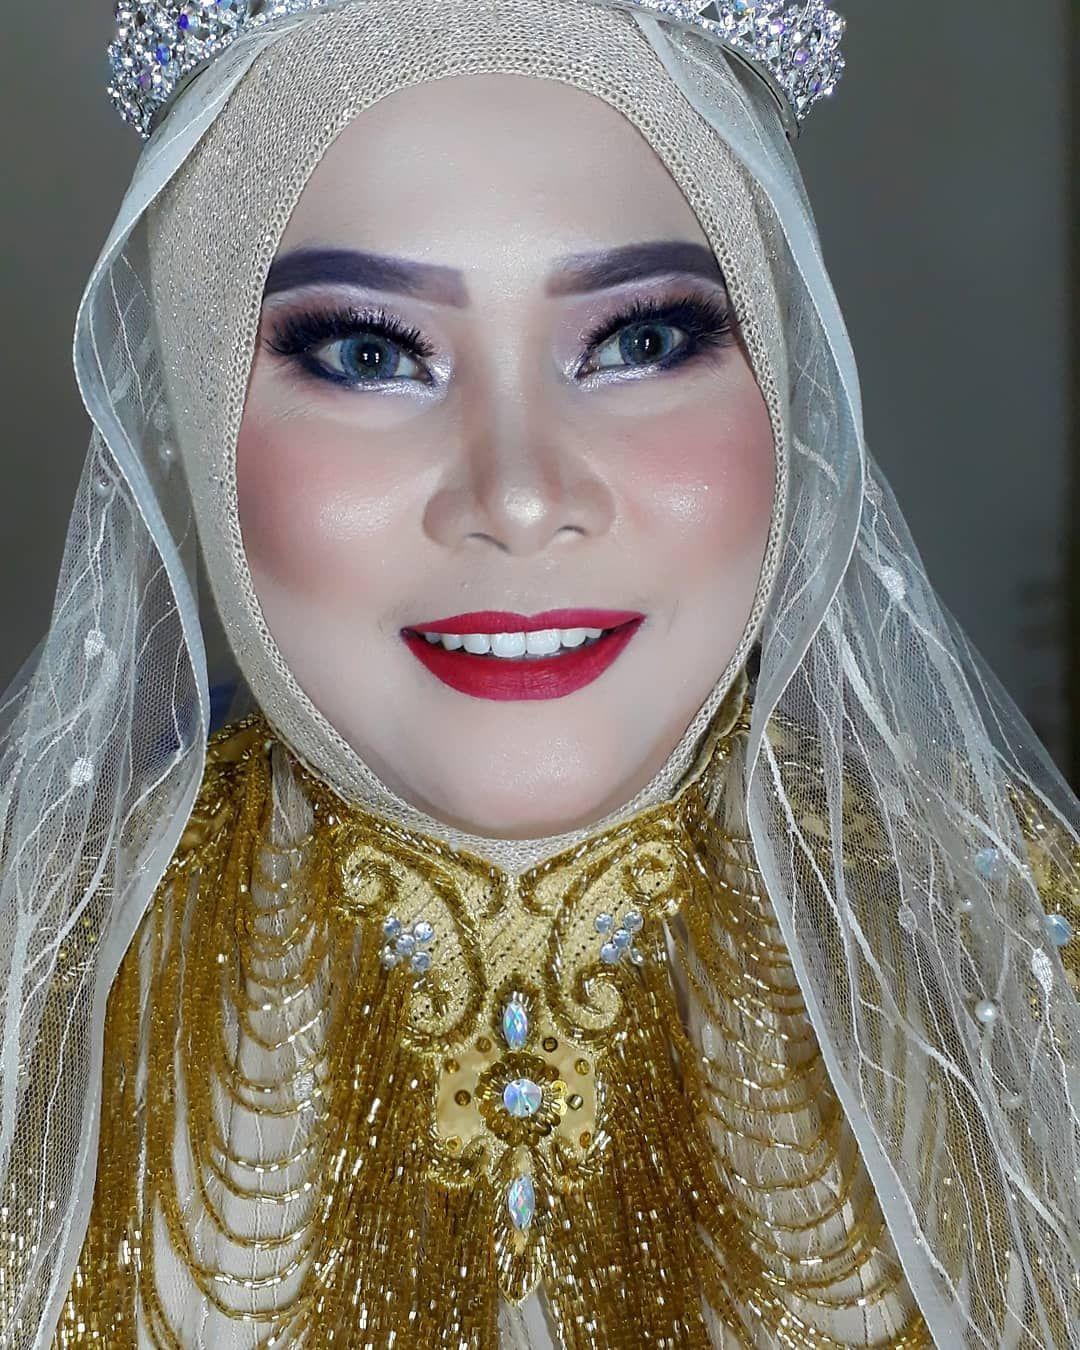 Makeup For Ibu Hajat Acara Sunatan 21juli2019 Khitanan Khitananak Makeupbandungpromo Makeup Makeupakadnikah Makeupbandu Makeup Damaged Skin Make Up